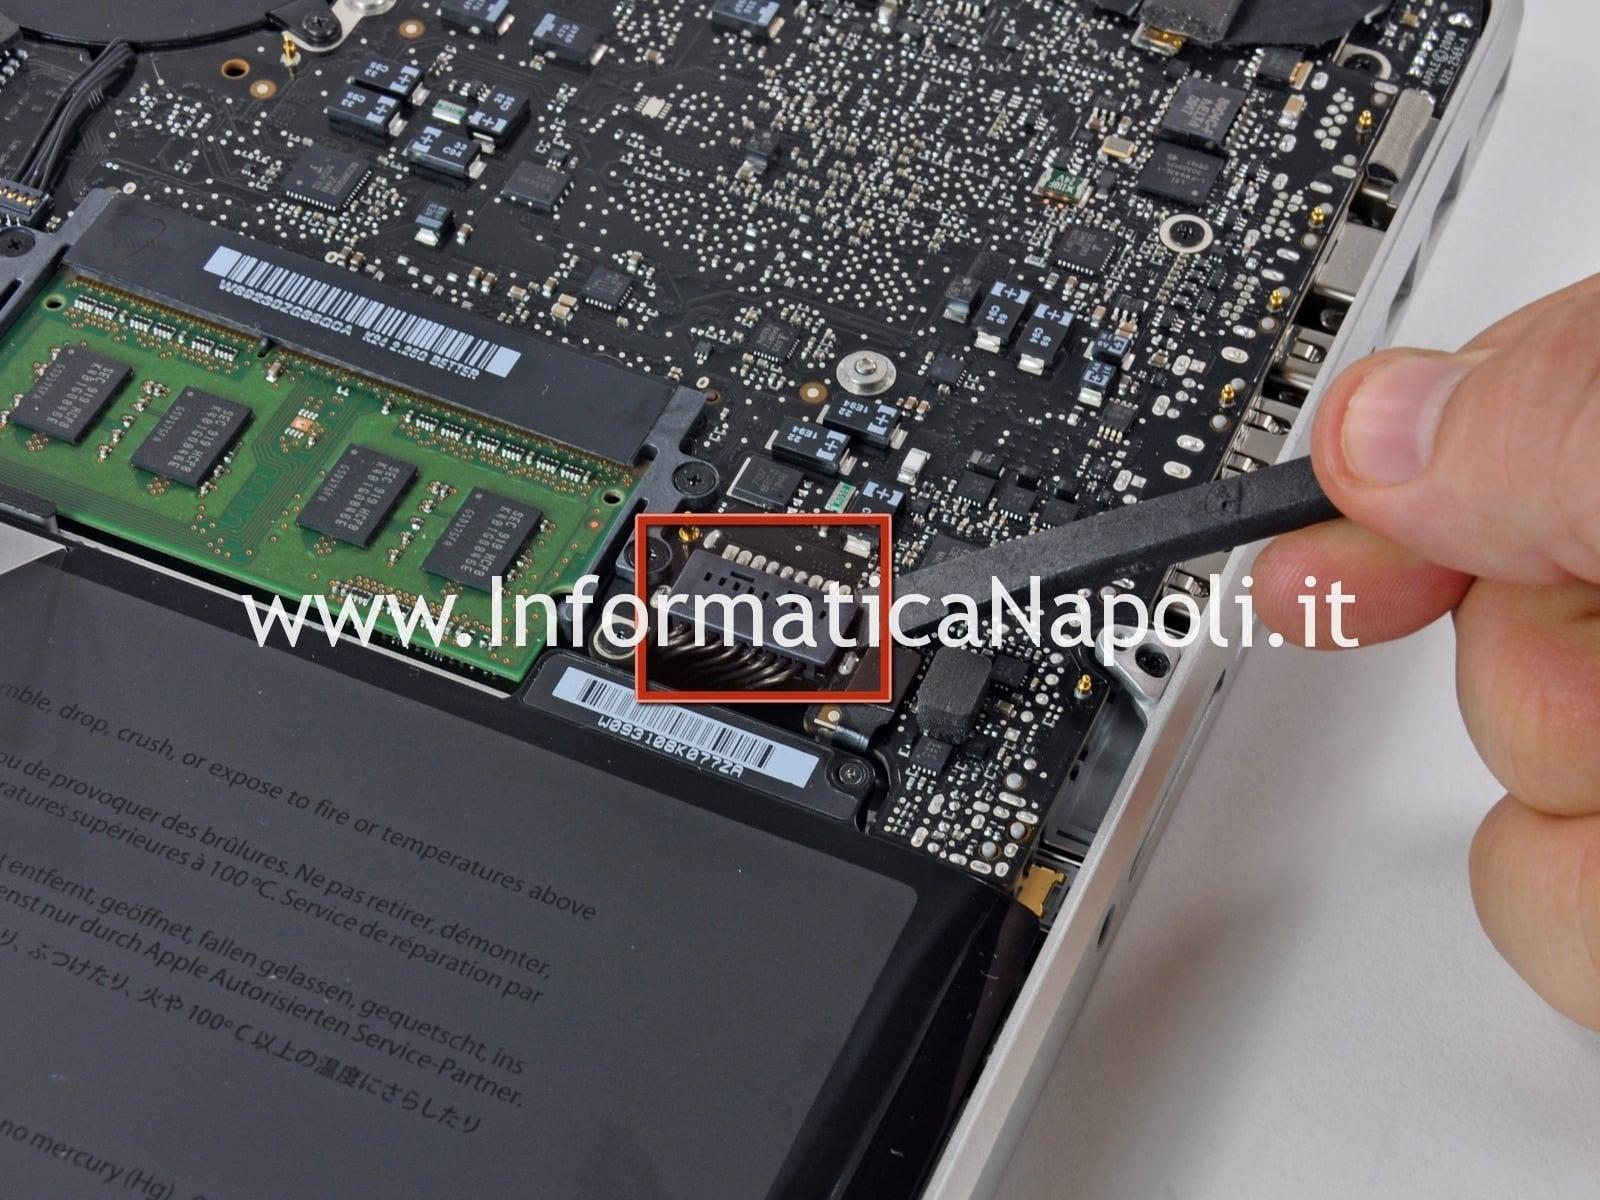 macbook pro non si accende batteria